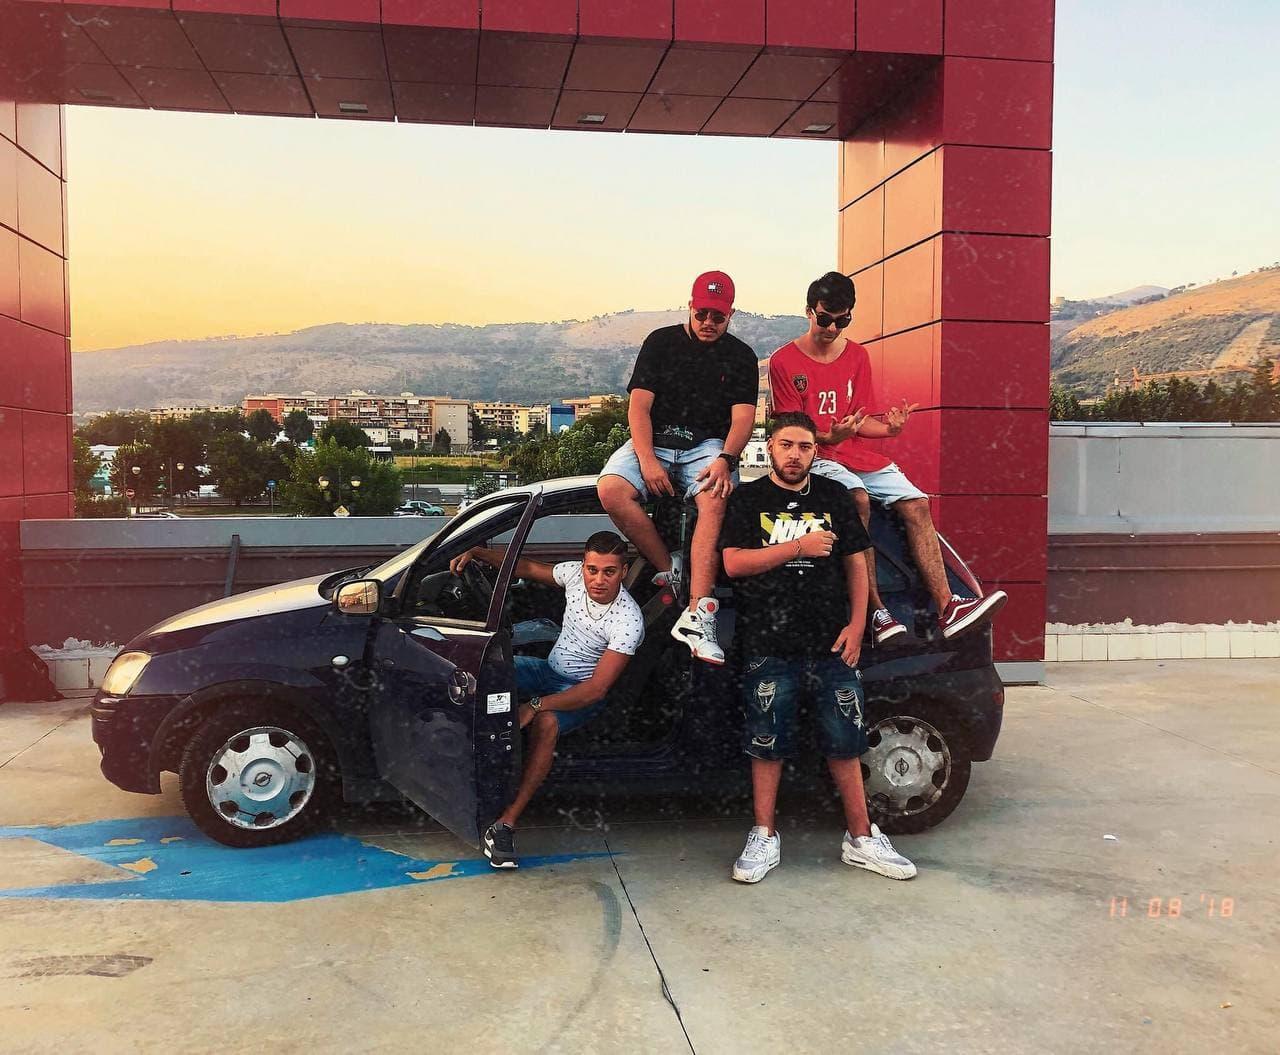 Un viaggio lunghissimo (in realtà è a Caserta, a 300 metri da casa di Paolo): da sinistra Speranza, Pablo, Barracano e Frank